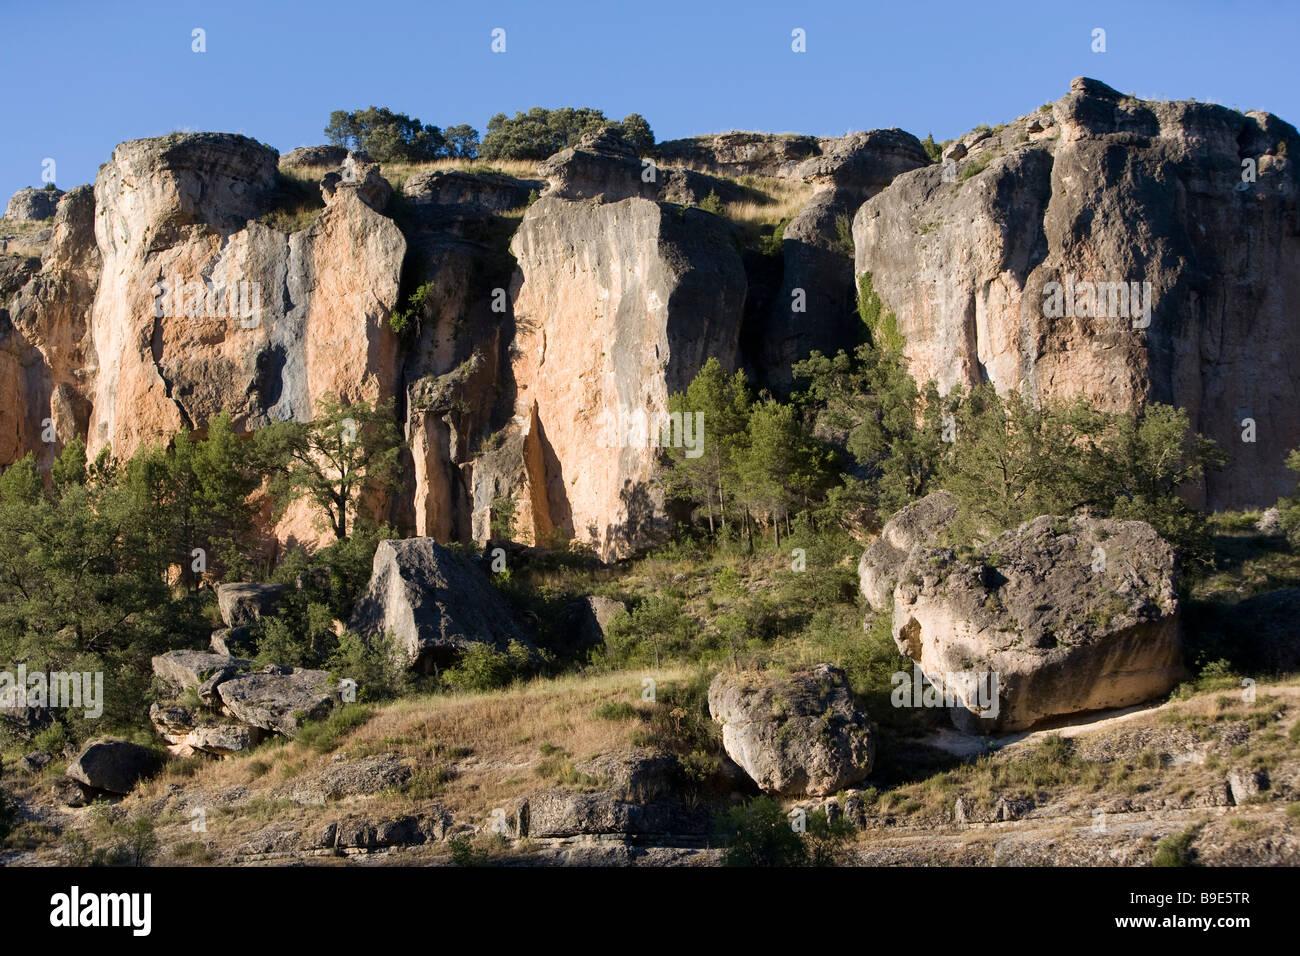 Cuenca Castilla La Mancha Spain - Stock Image